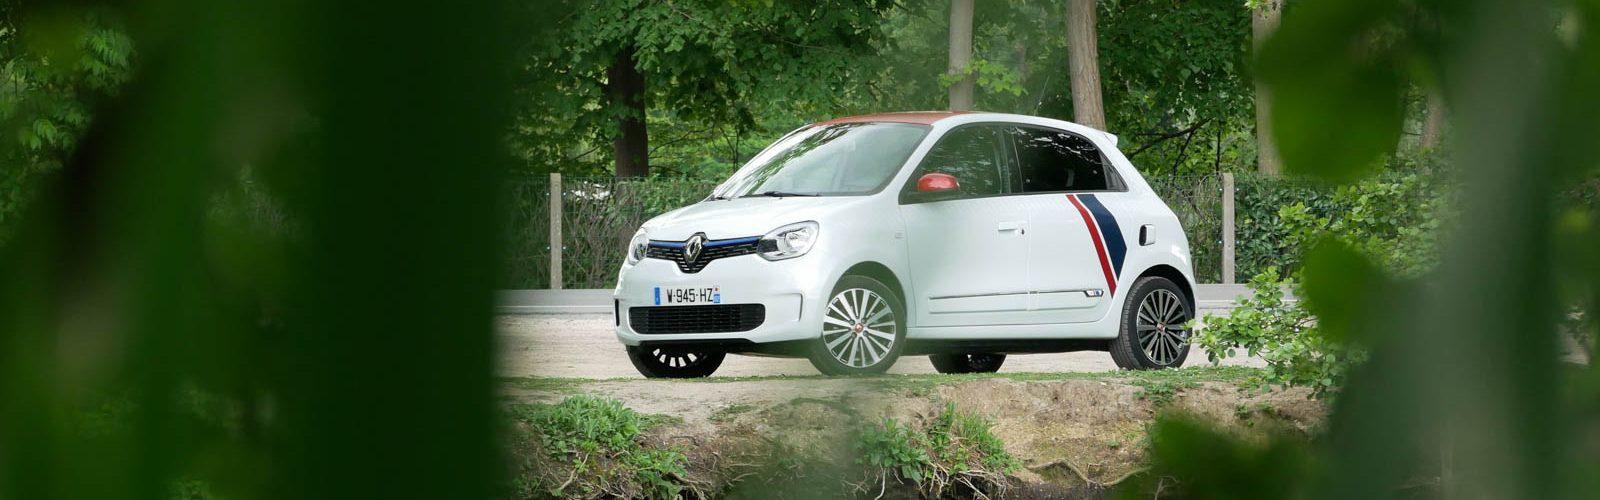 LNA Essai 2019 Renault Twingo 3.2 Le Coq Sportif Exterieur 08